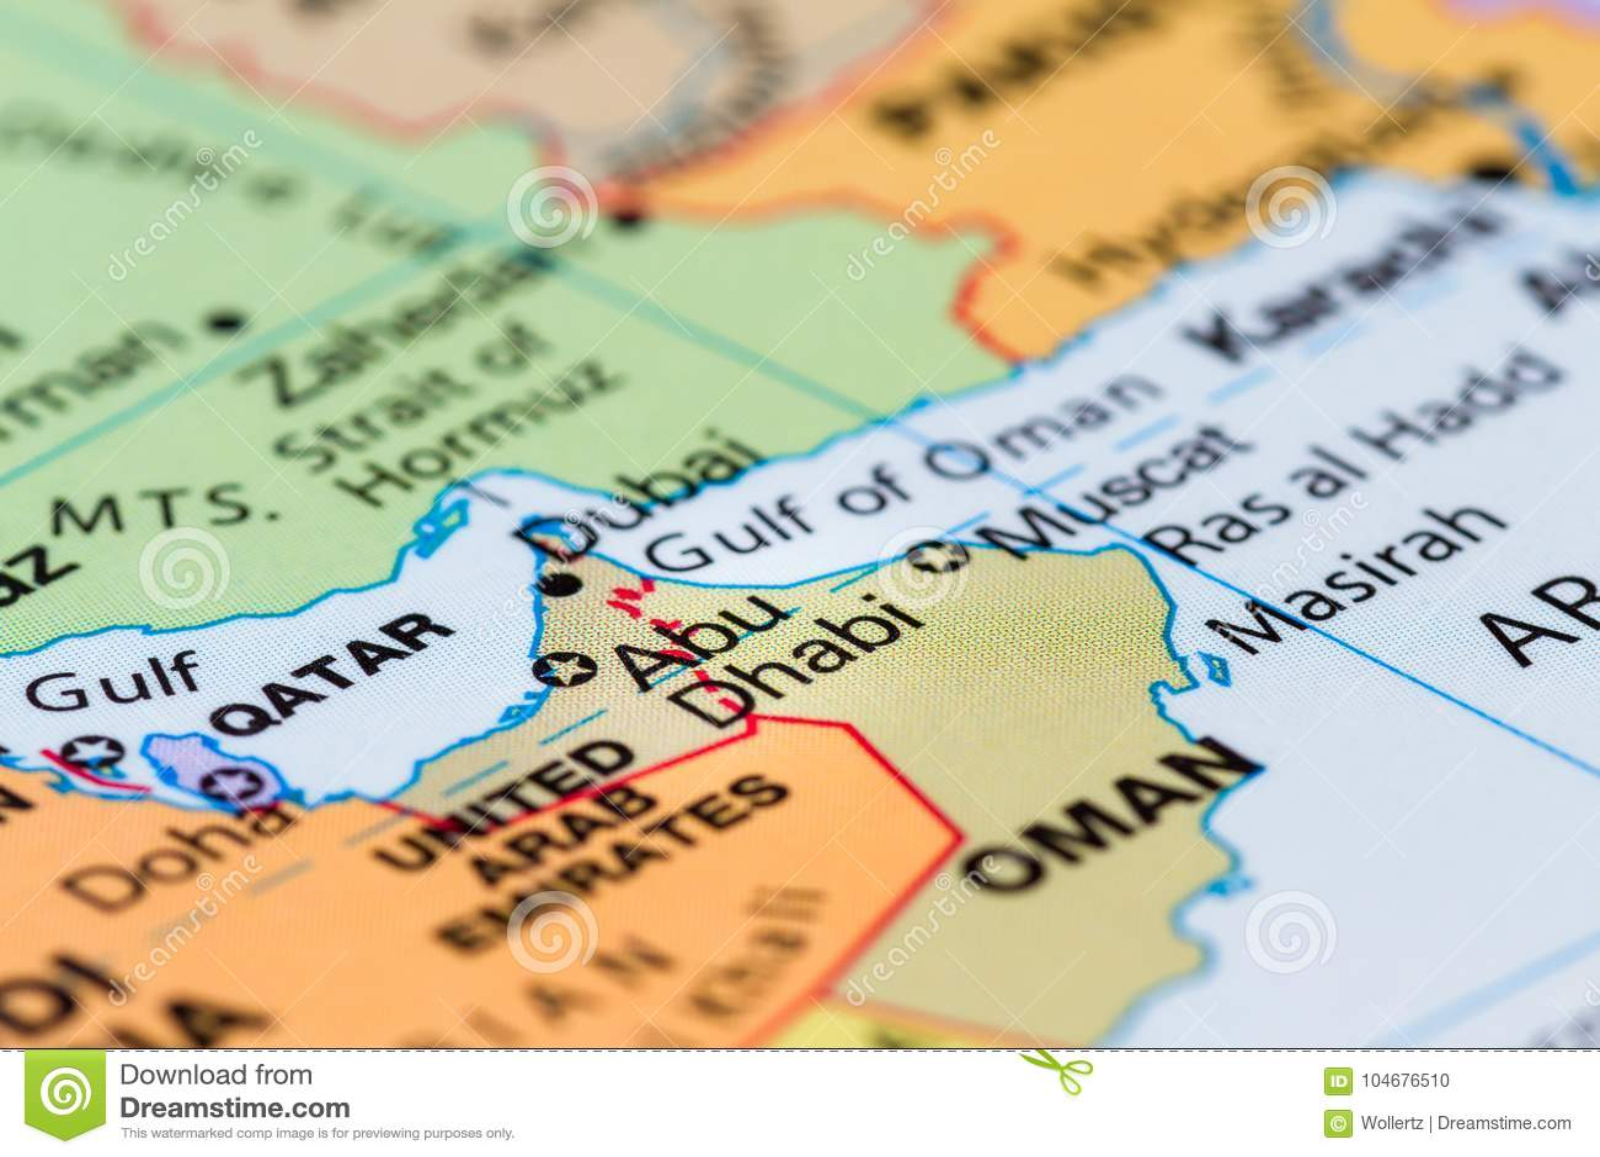 Nantes Karte.Abu Dhabi Auf Einer Karte Stockfoto Bild Von Nantes 104676510